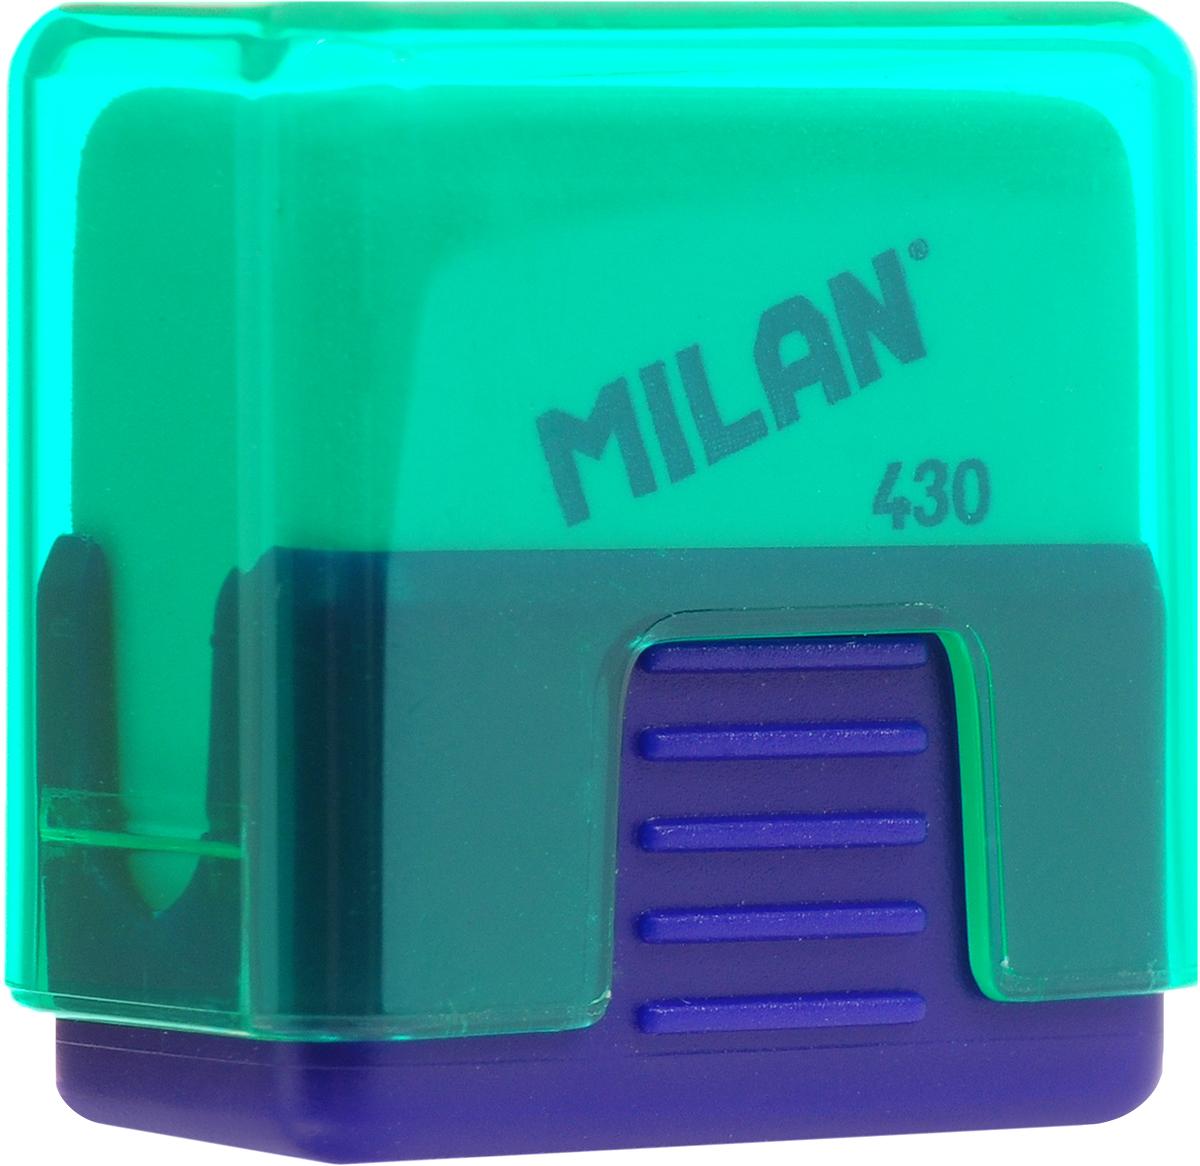 Milan Ластик School 430 цвет зеленый синийCMMS430_зеленый, синийЛастик Milan School 430 - это ластик с пластиковым держателем в эргономичном компактном корпусе. Заменяемый ластик.